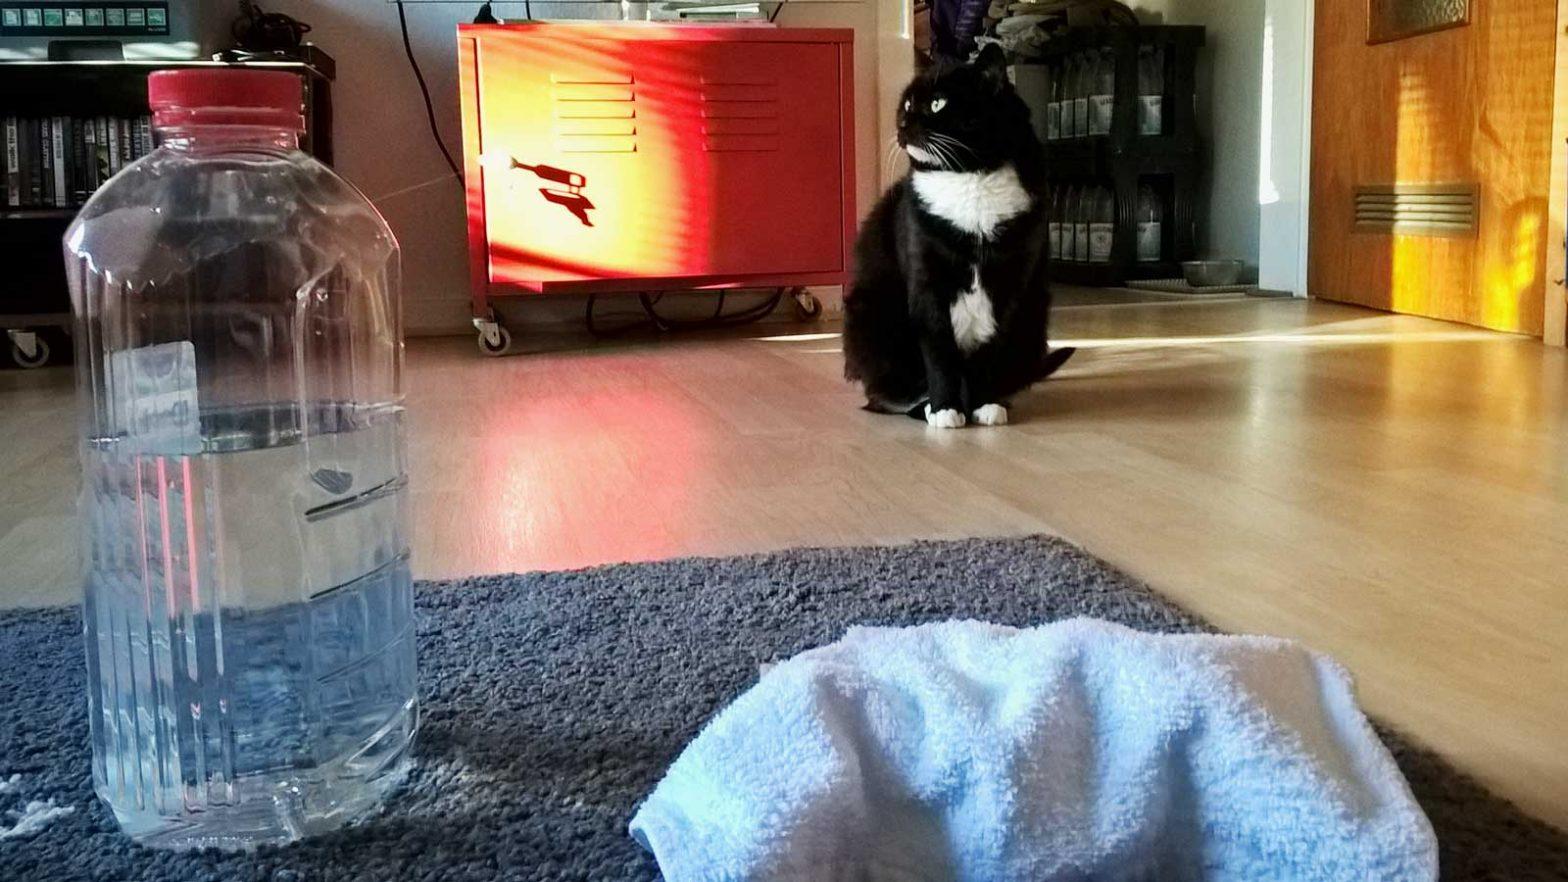 Katze Erbrochenes auf Teppich: Luzi ist sich keiner Schuld bewusst